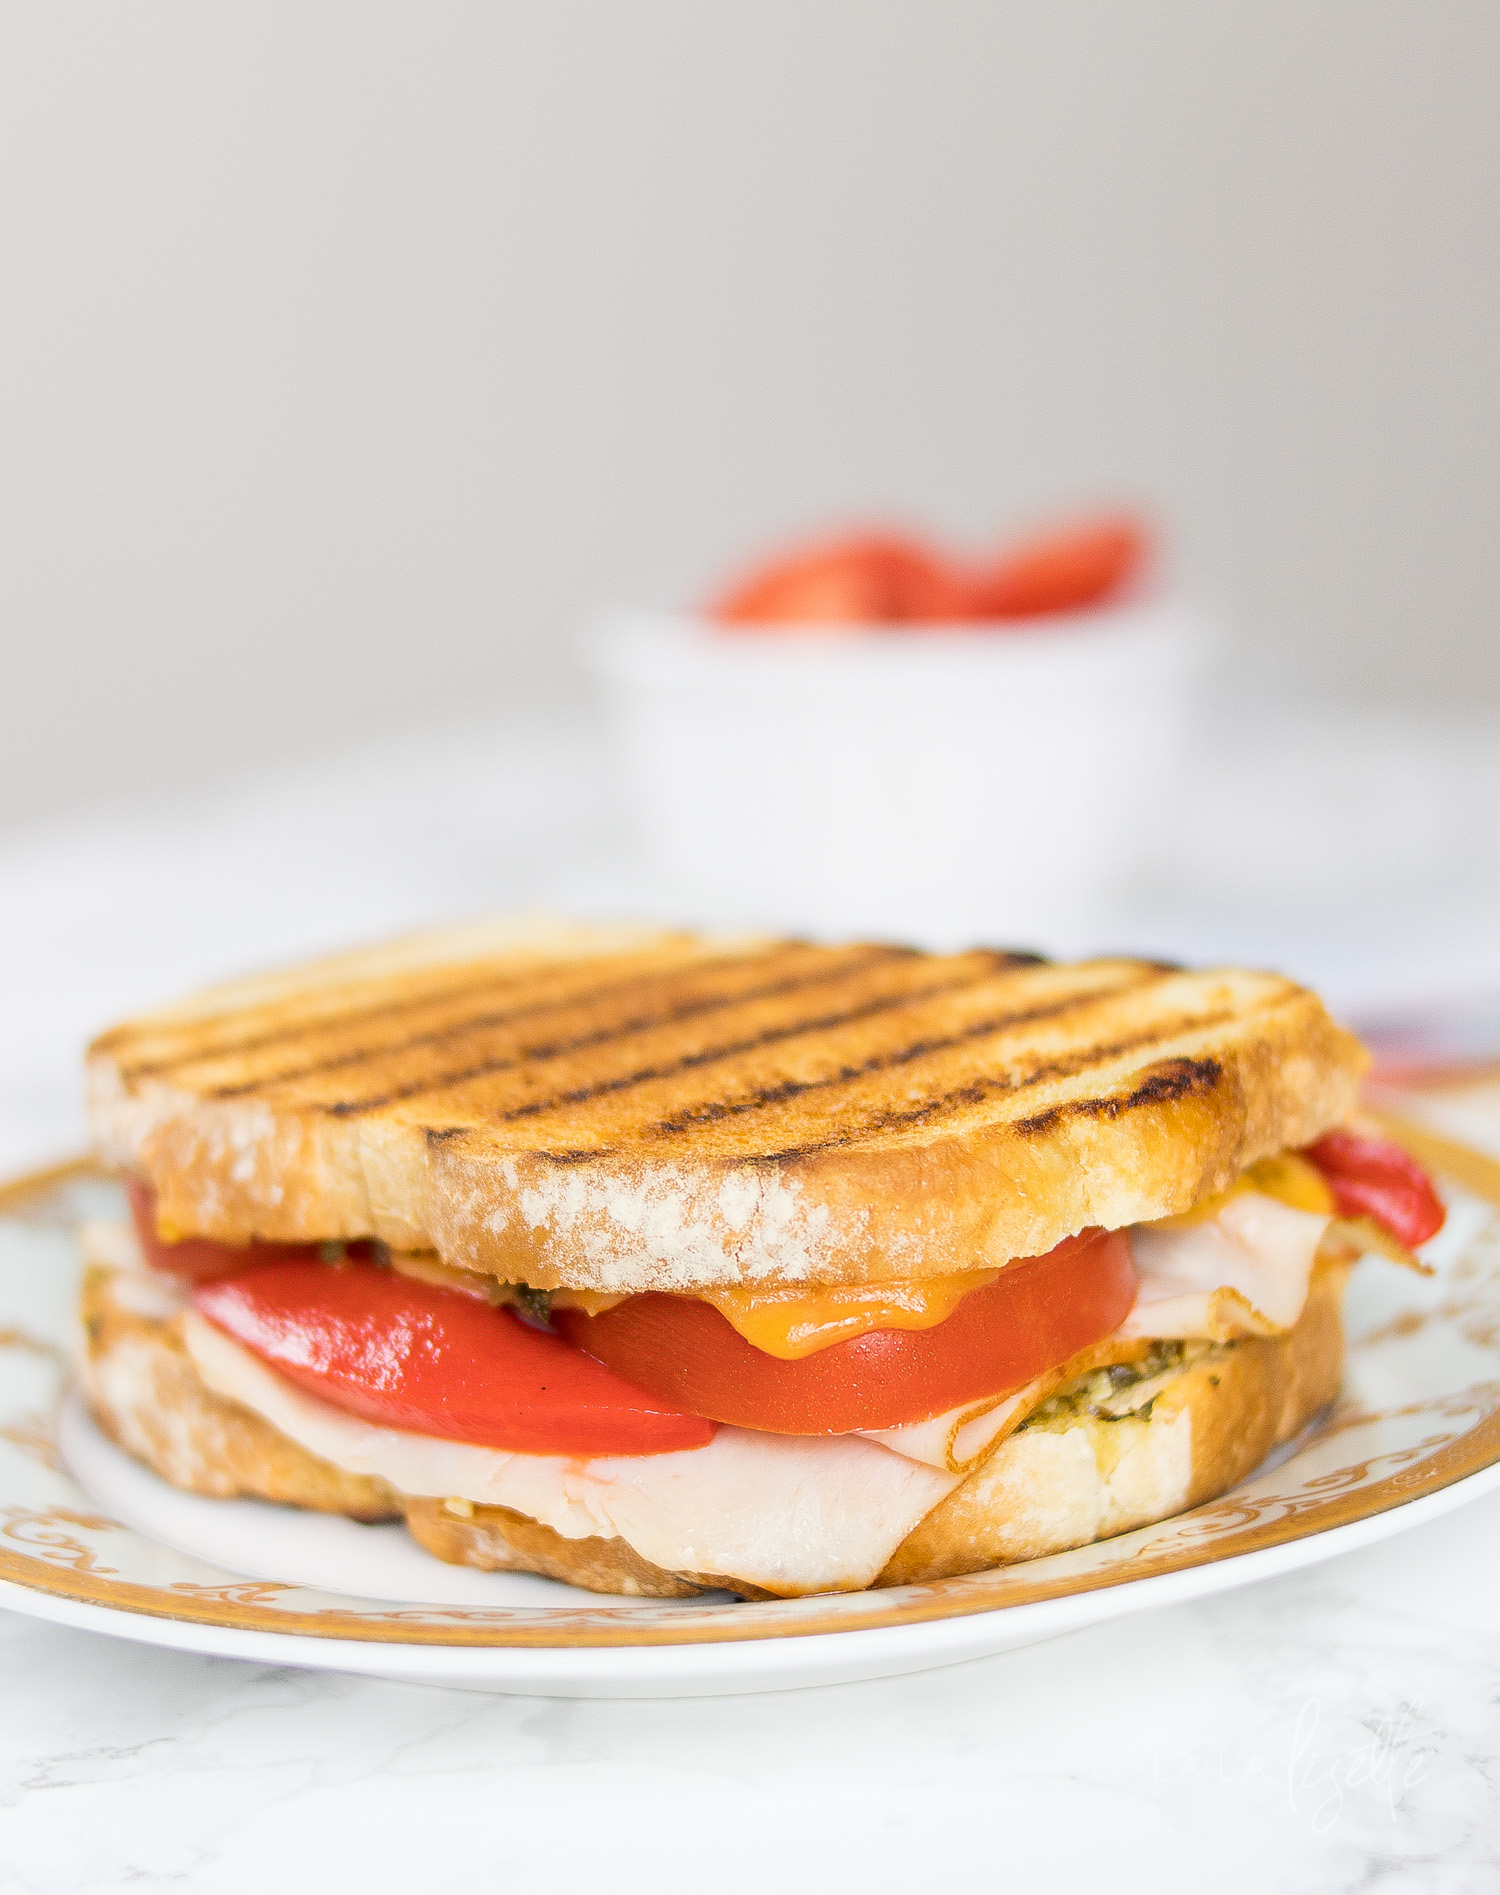 pesto turkey cheddar panini